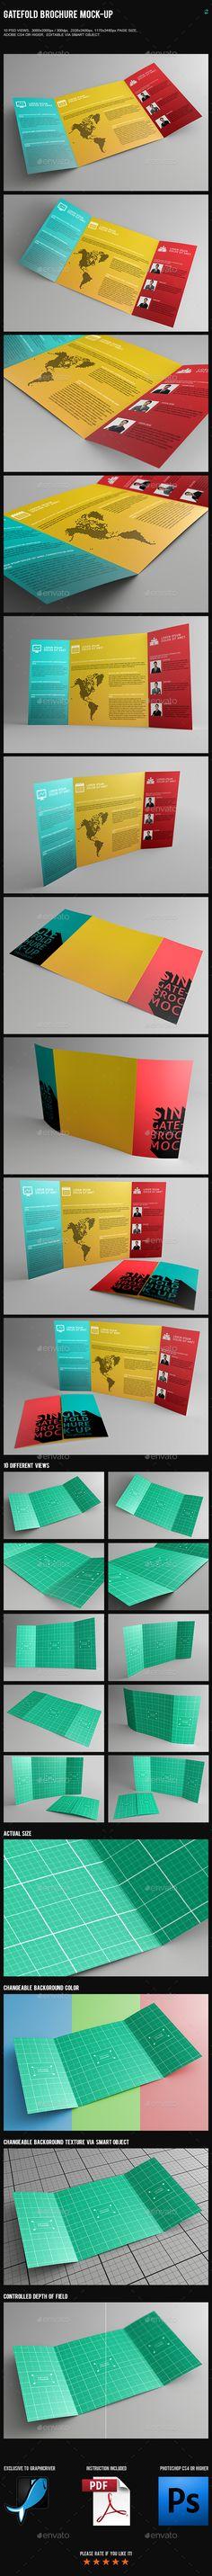 A4 Gatefold Brochure Mockup Download   graphicrivernet/item - gate fold brochure mockup